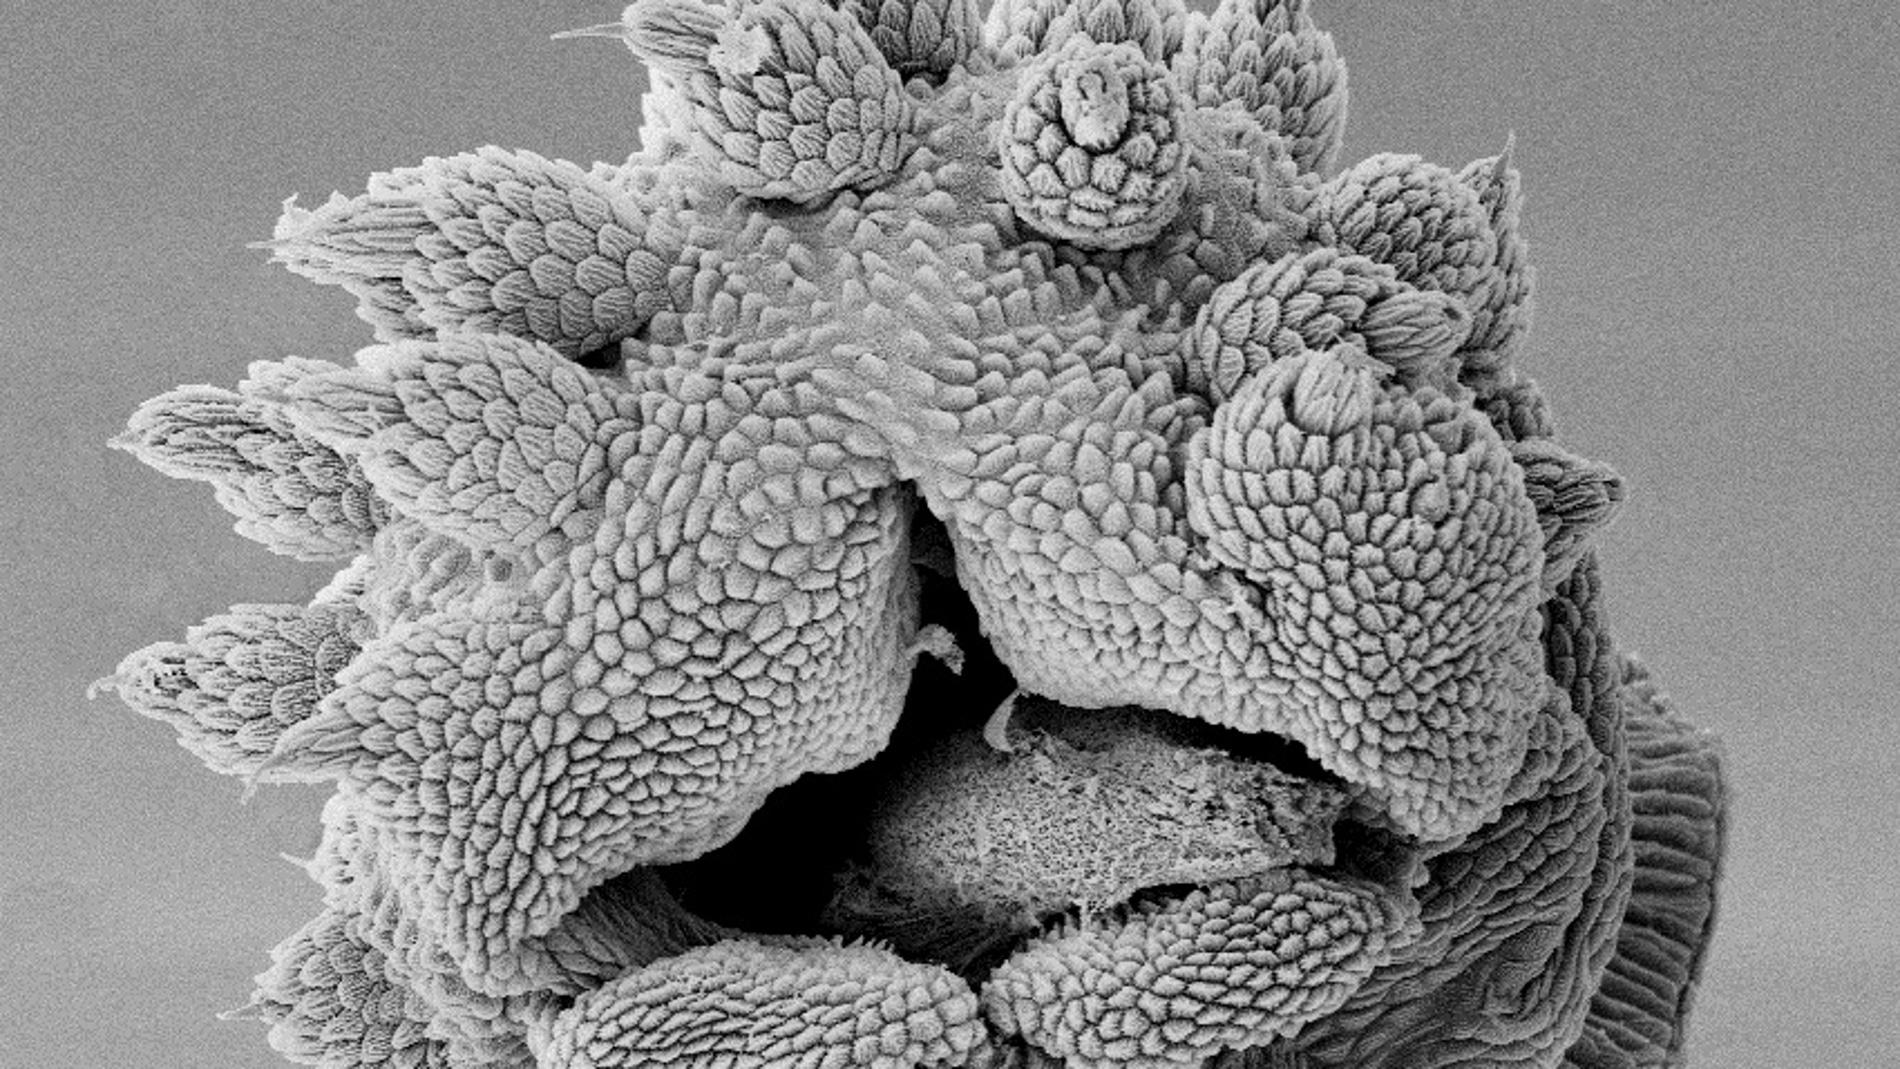 La cabeza del gusano de terciopelo perma